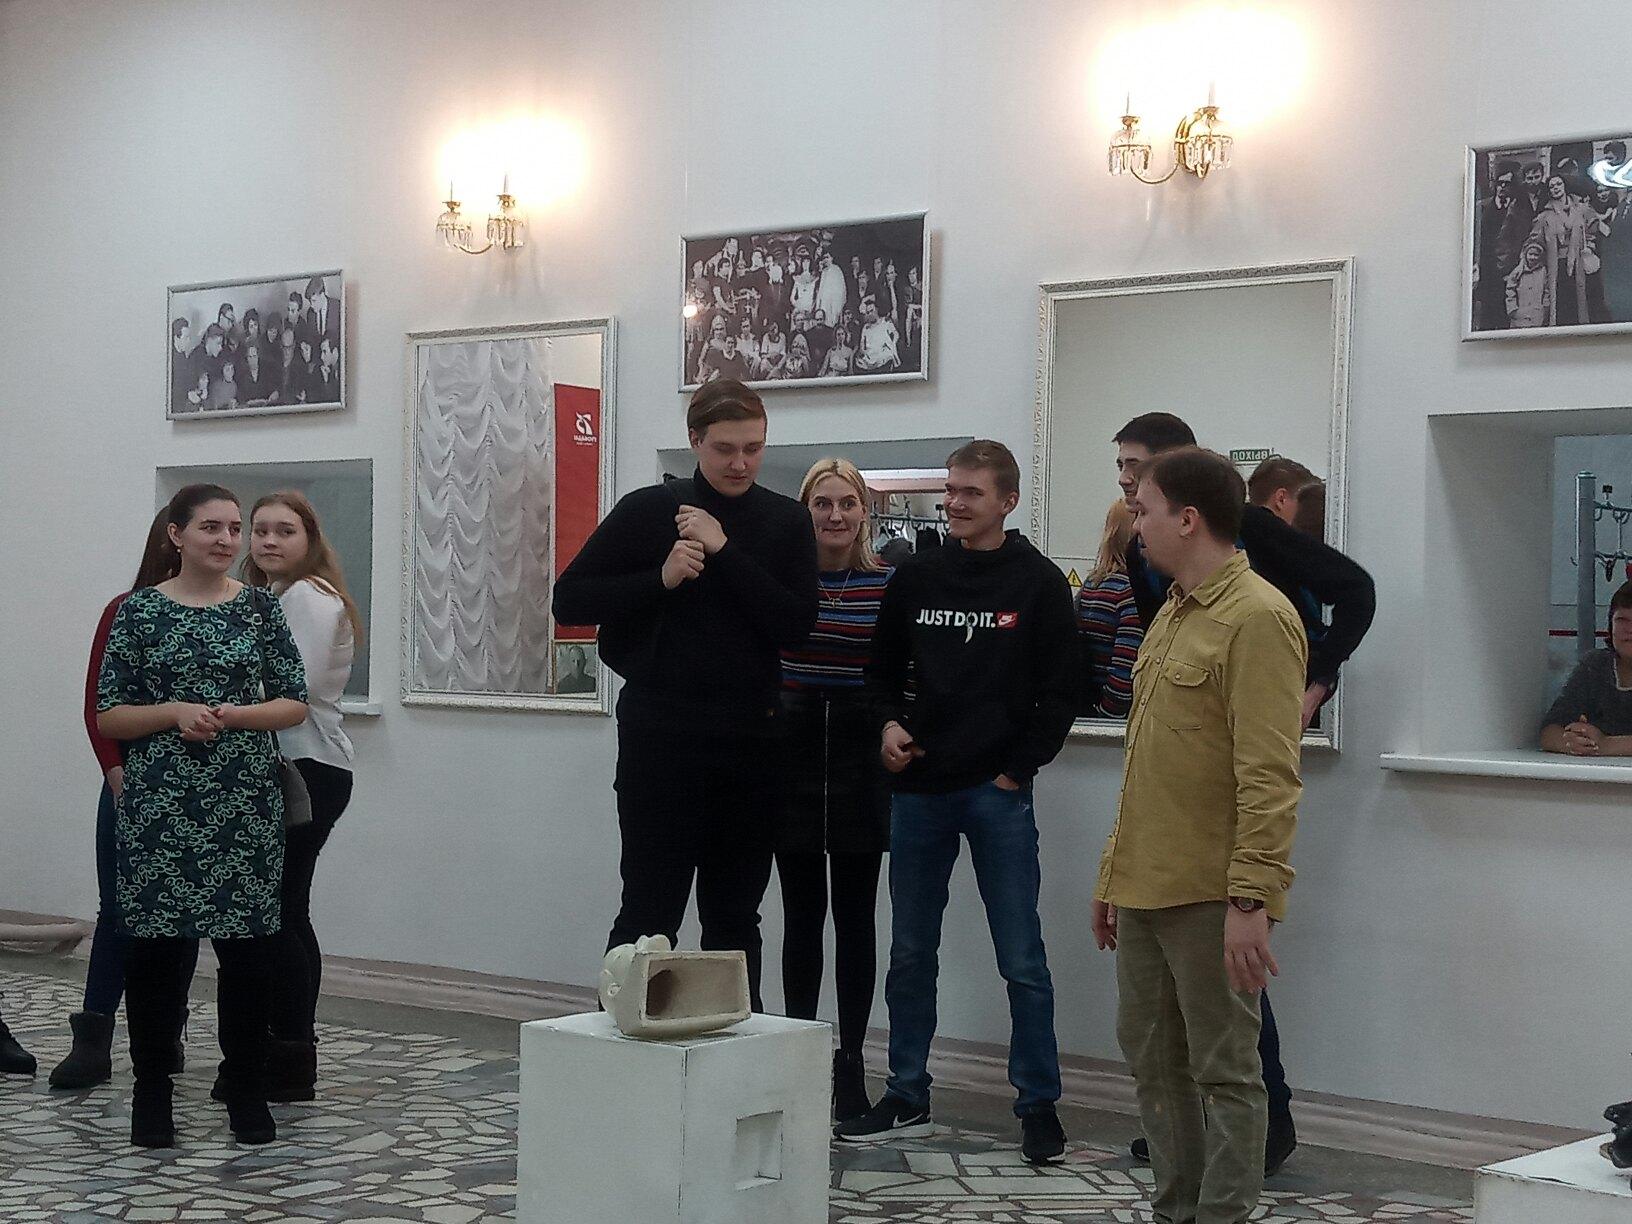 Студенты Техникума нефти и газа приняли участие в проекте Театр Образование (2)